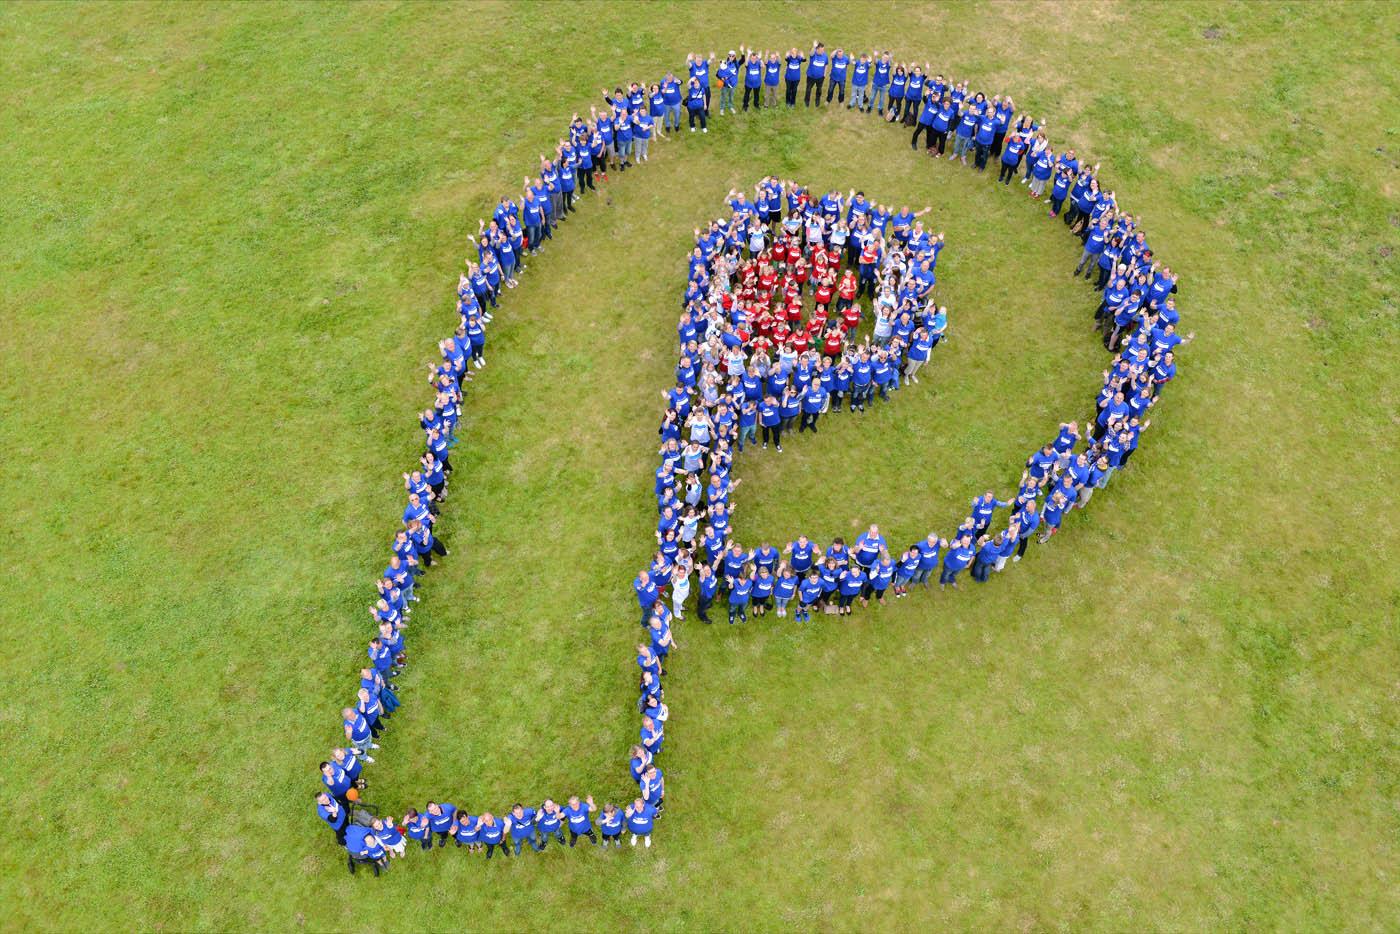 Foto Luftaufnahme Gruppenfoto